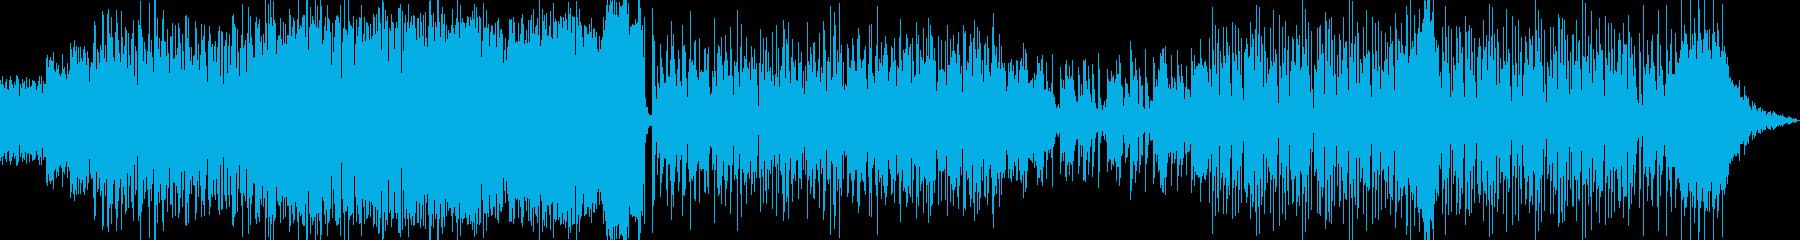 スライムが暴れているようなドラムンベースの再生済みの波形